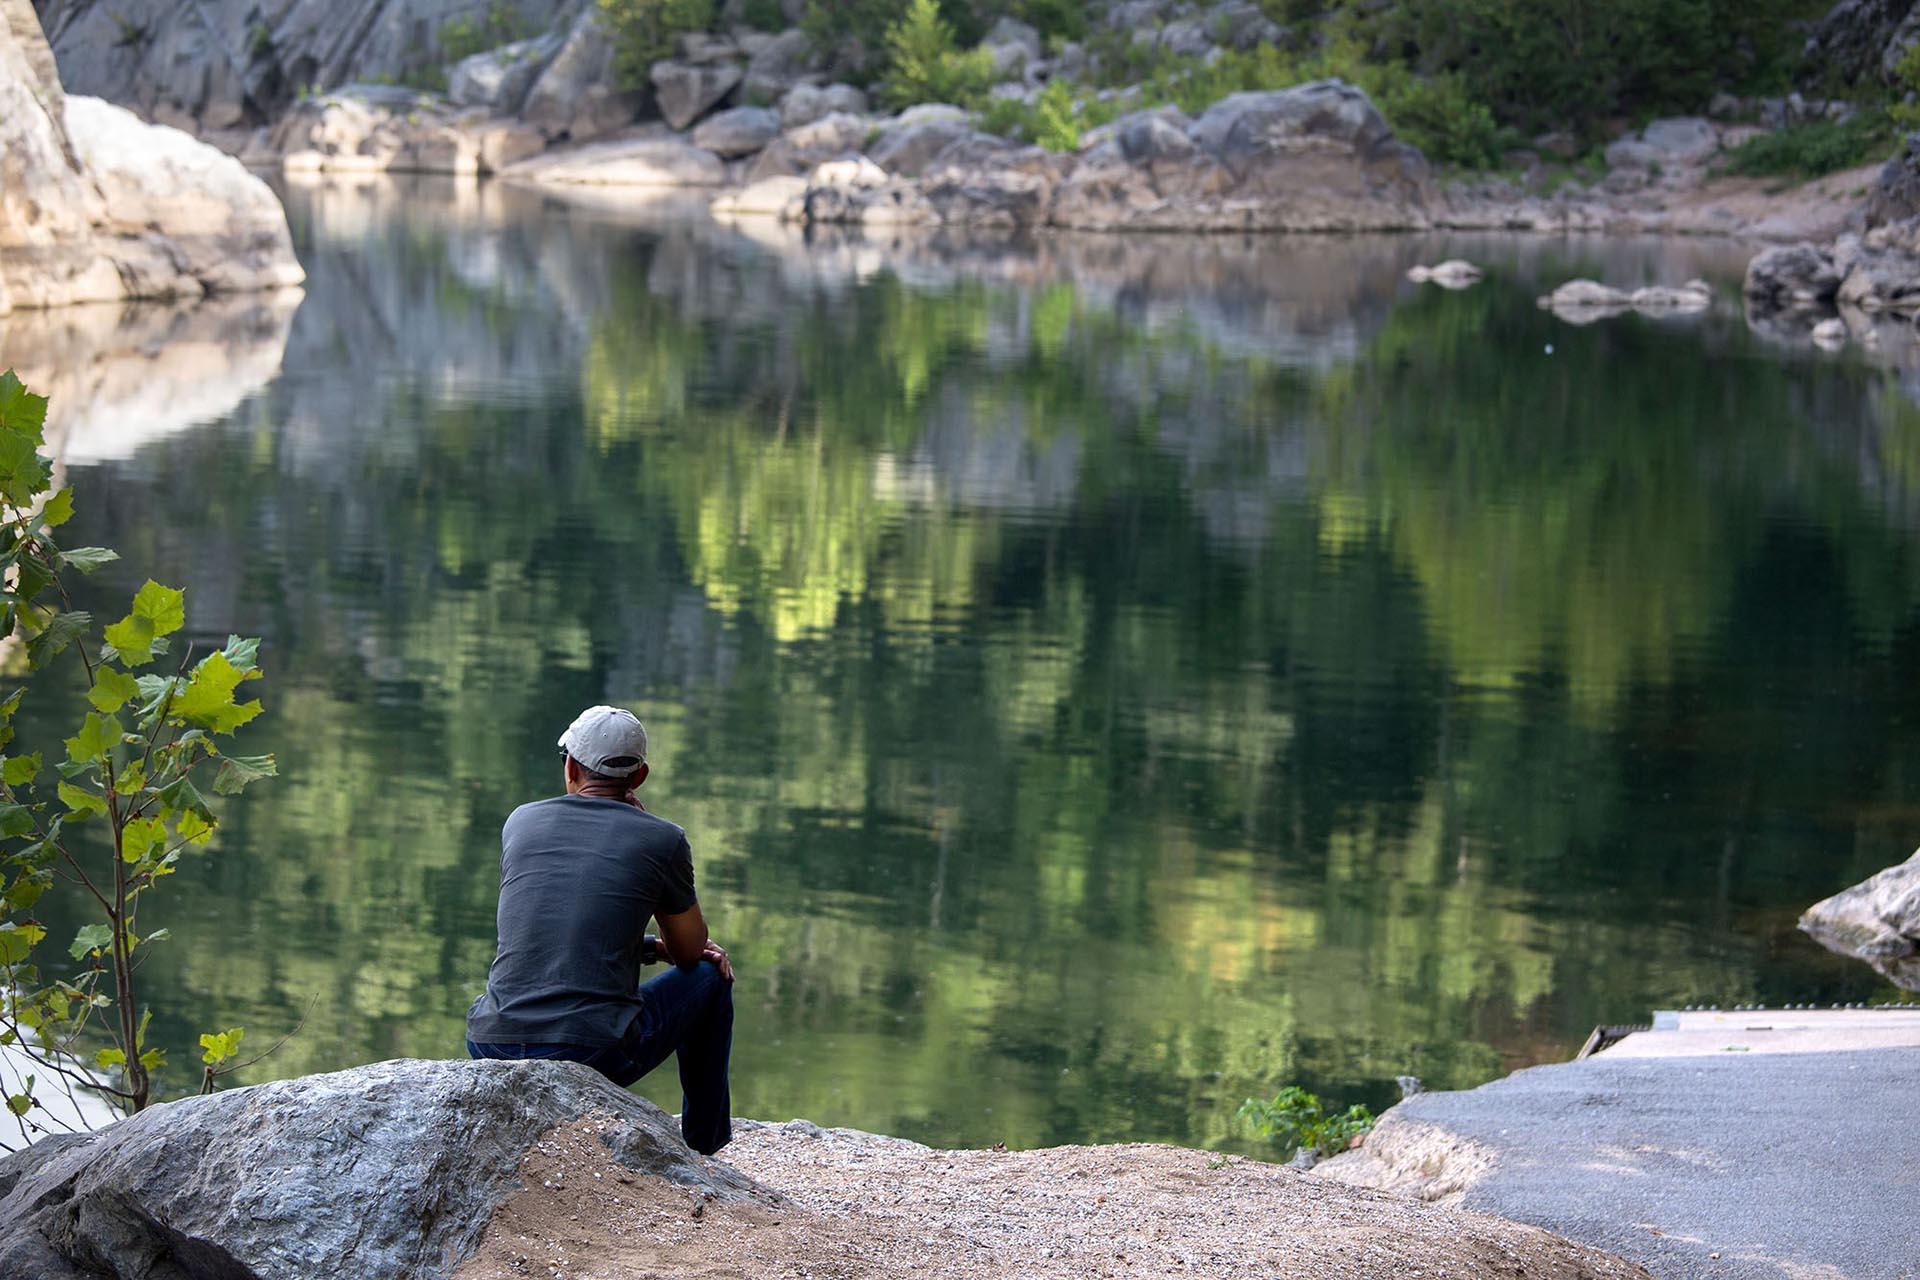 Tras una caminata con su hija Malia por el Great Falls National Park, Viginia, Obama se sentó a descansar frente al río Potomac